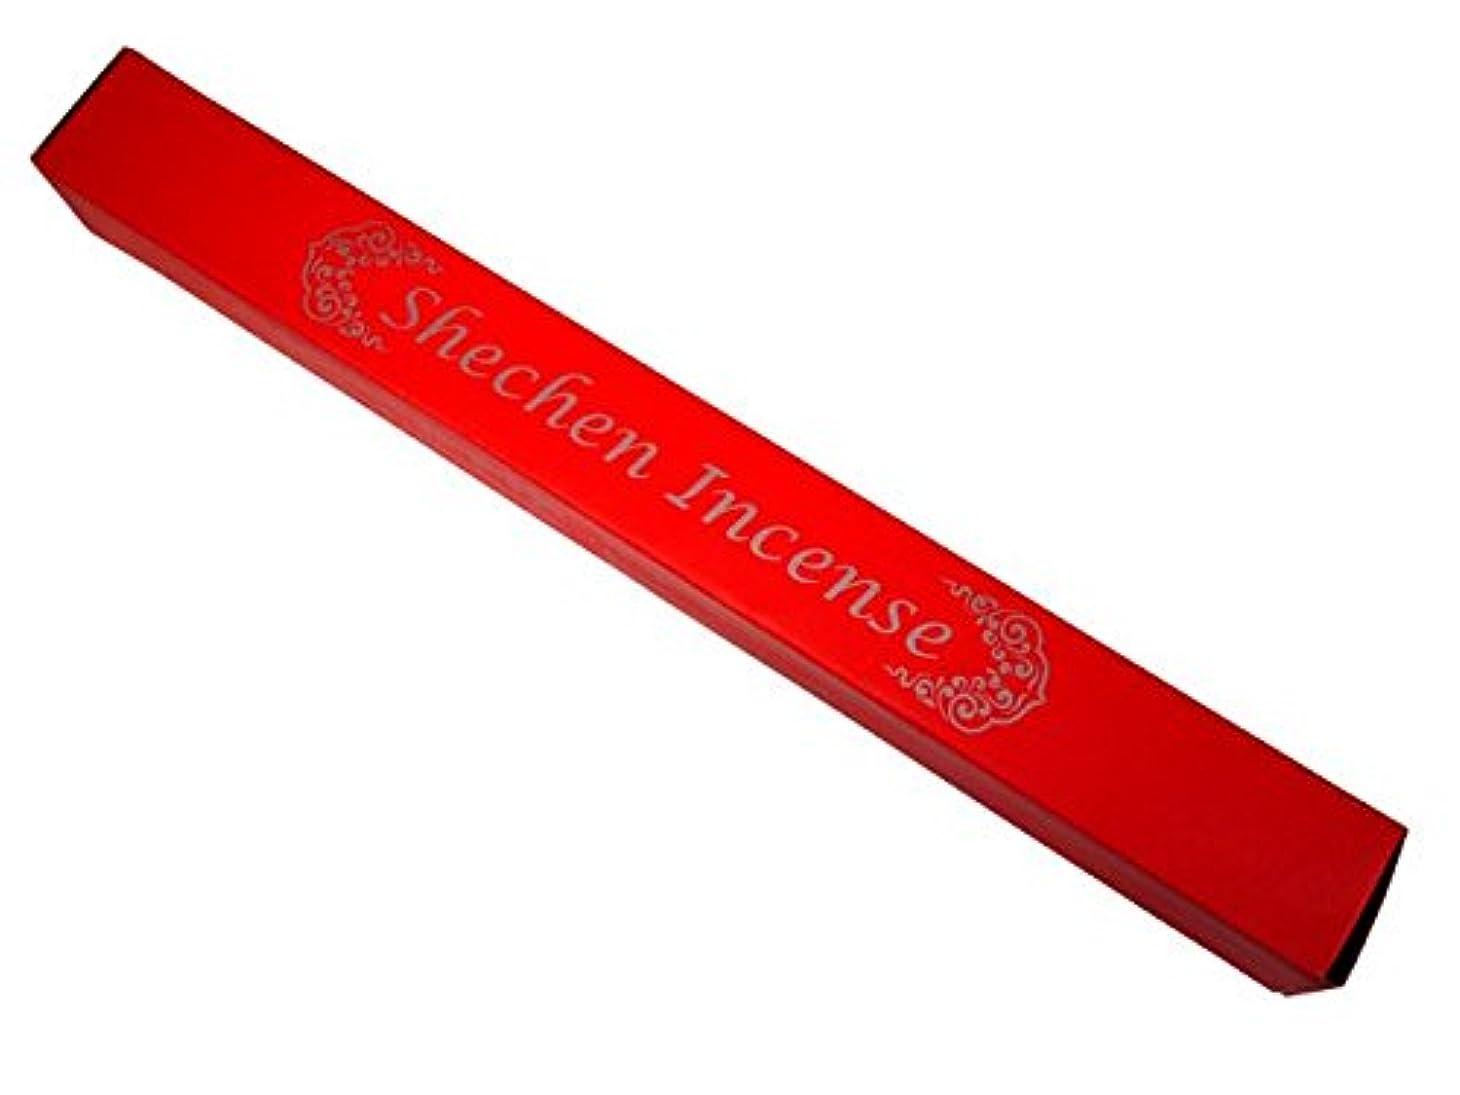 暗くするギャンブル解釈シェチェンモナストリ チベット仏教寺院シェチェンモナストリのお香【Shechen Incense RED】